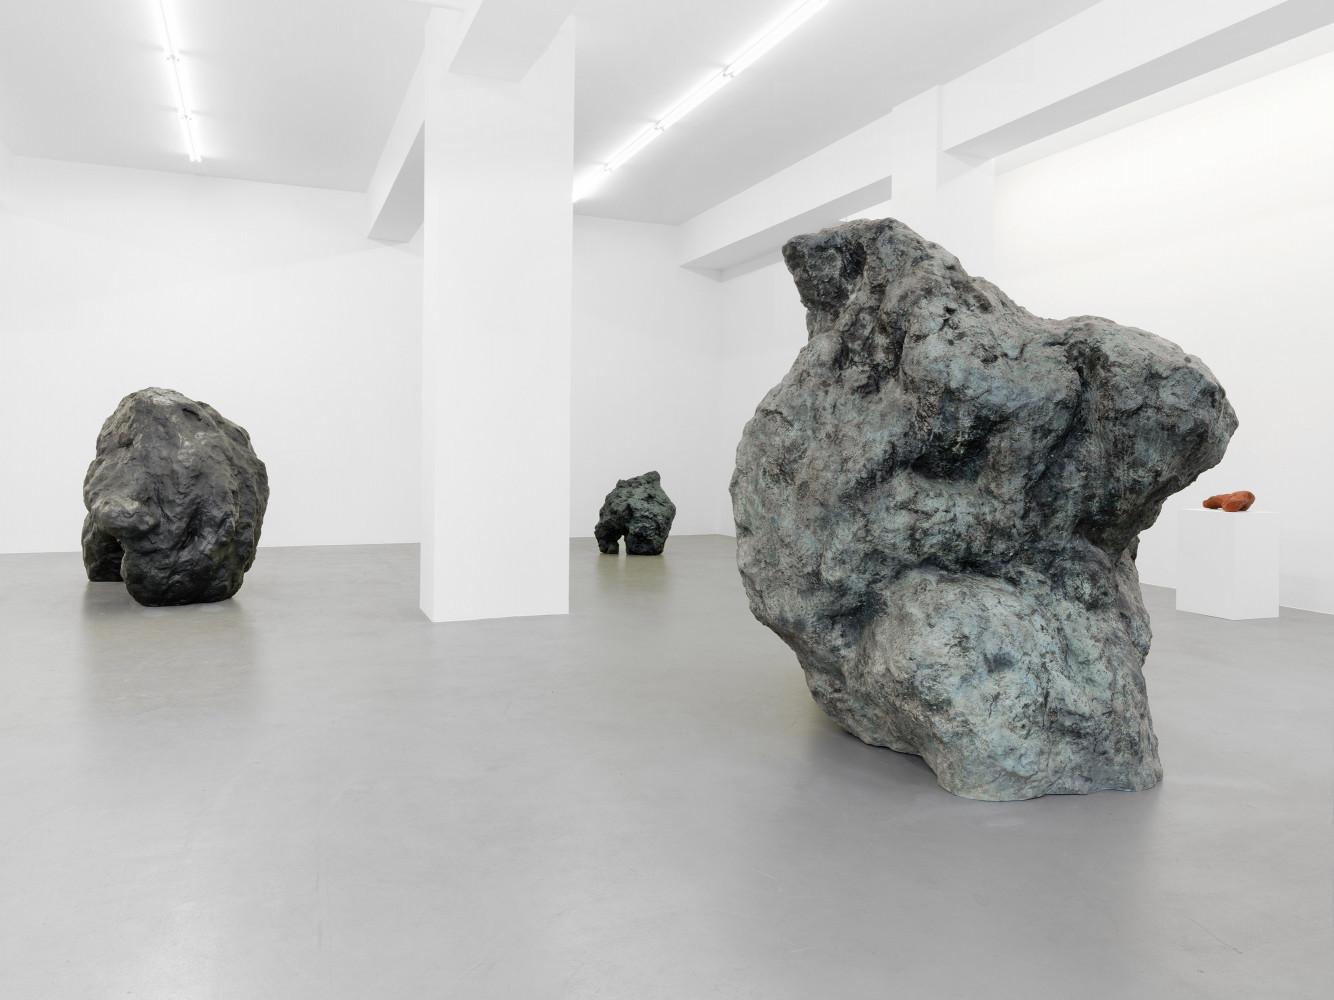 William Tucker, 'Skulptur', Installation view, Buchmann Galerie, 2015